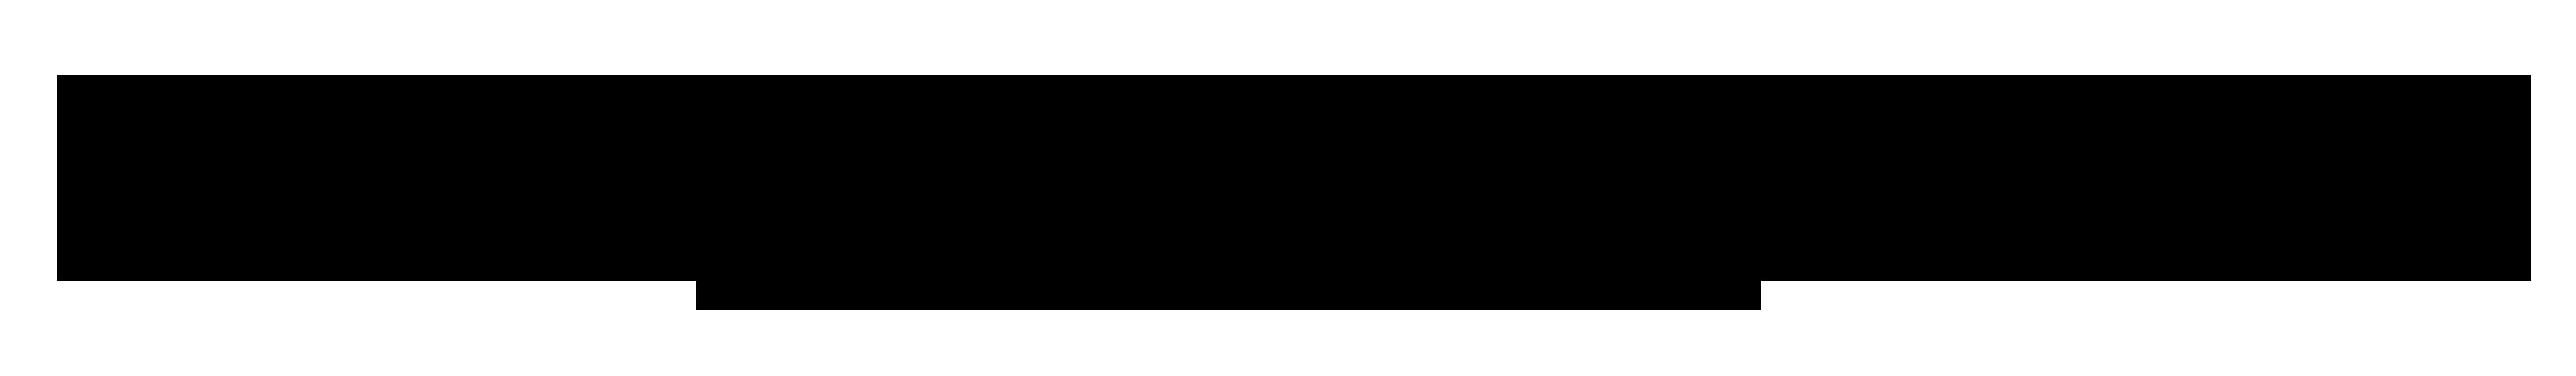 Carolina Herrera – Logos Download